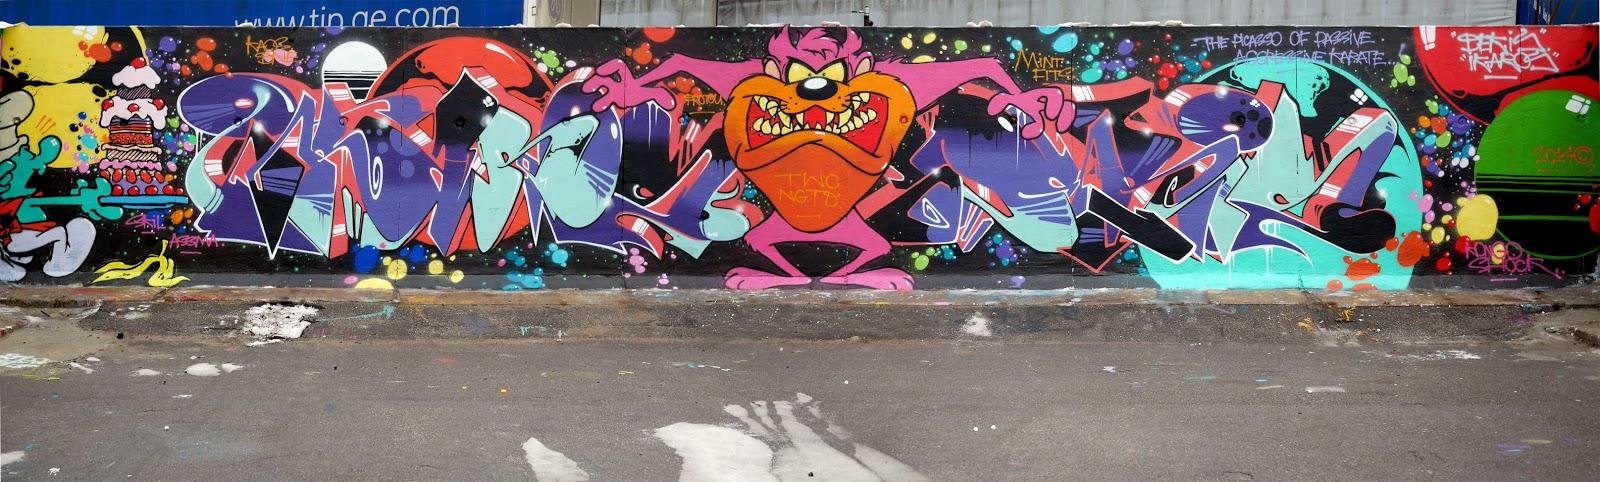 SprayDaily_Graffiti_Ikaros_Dekis